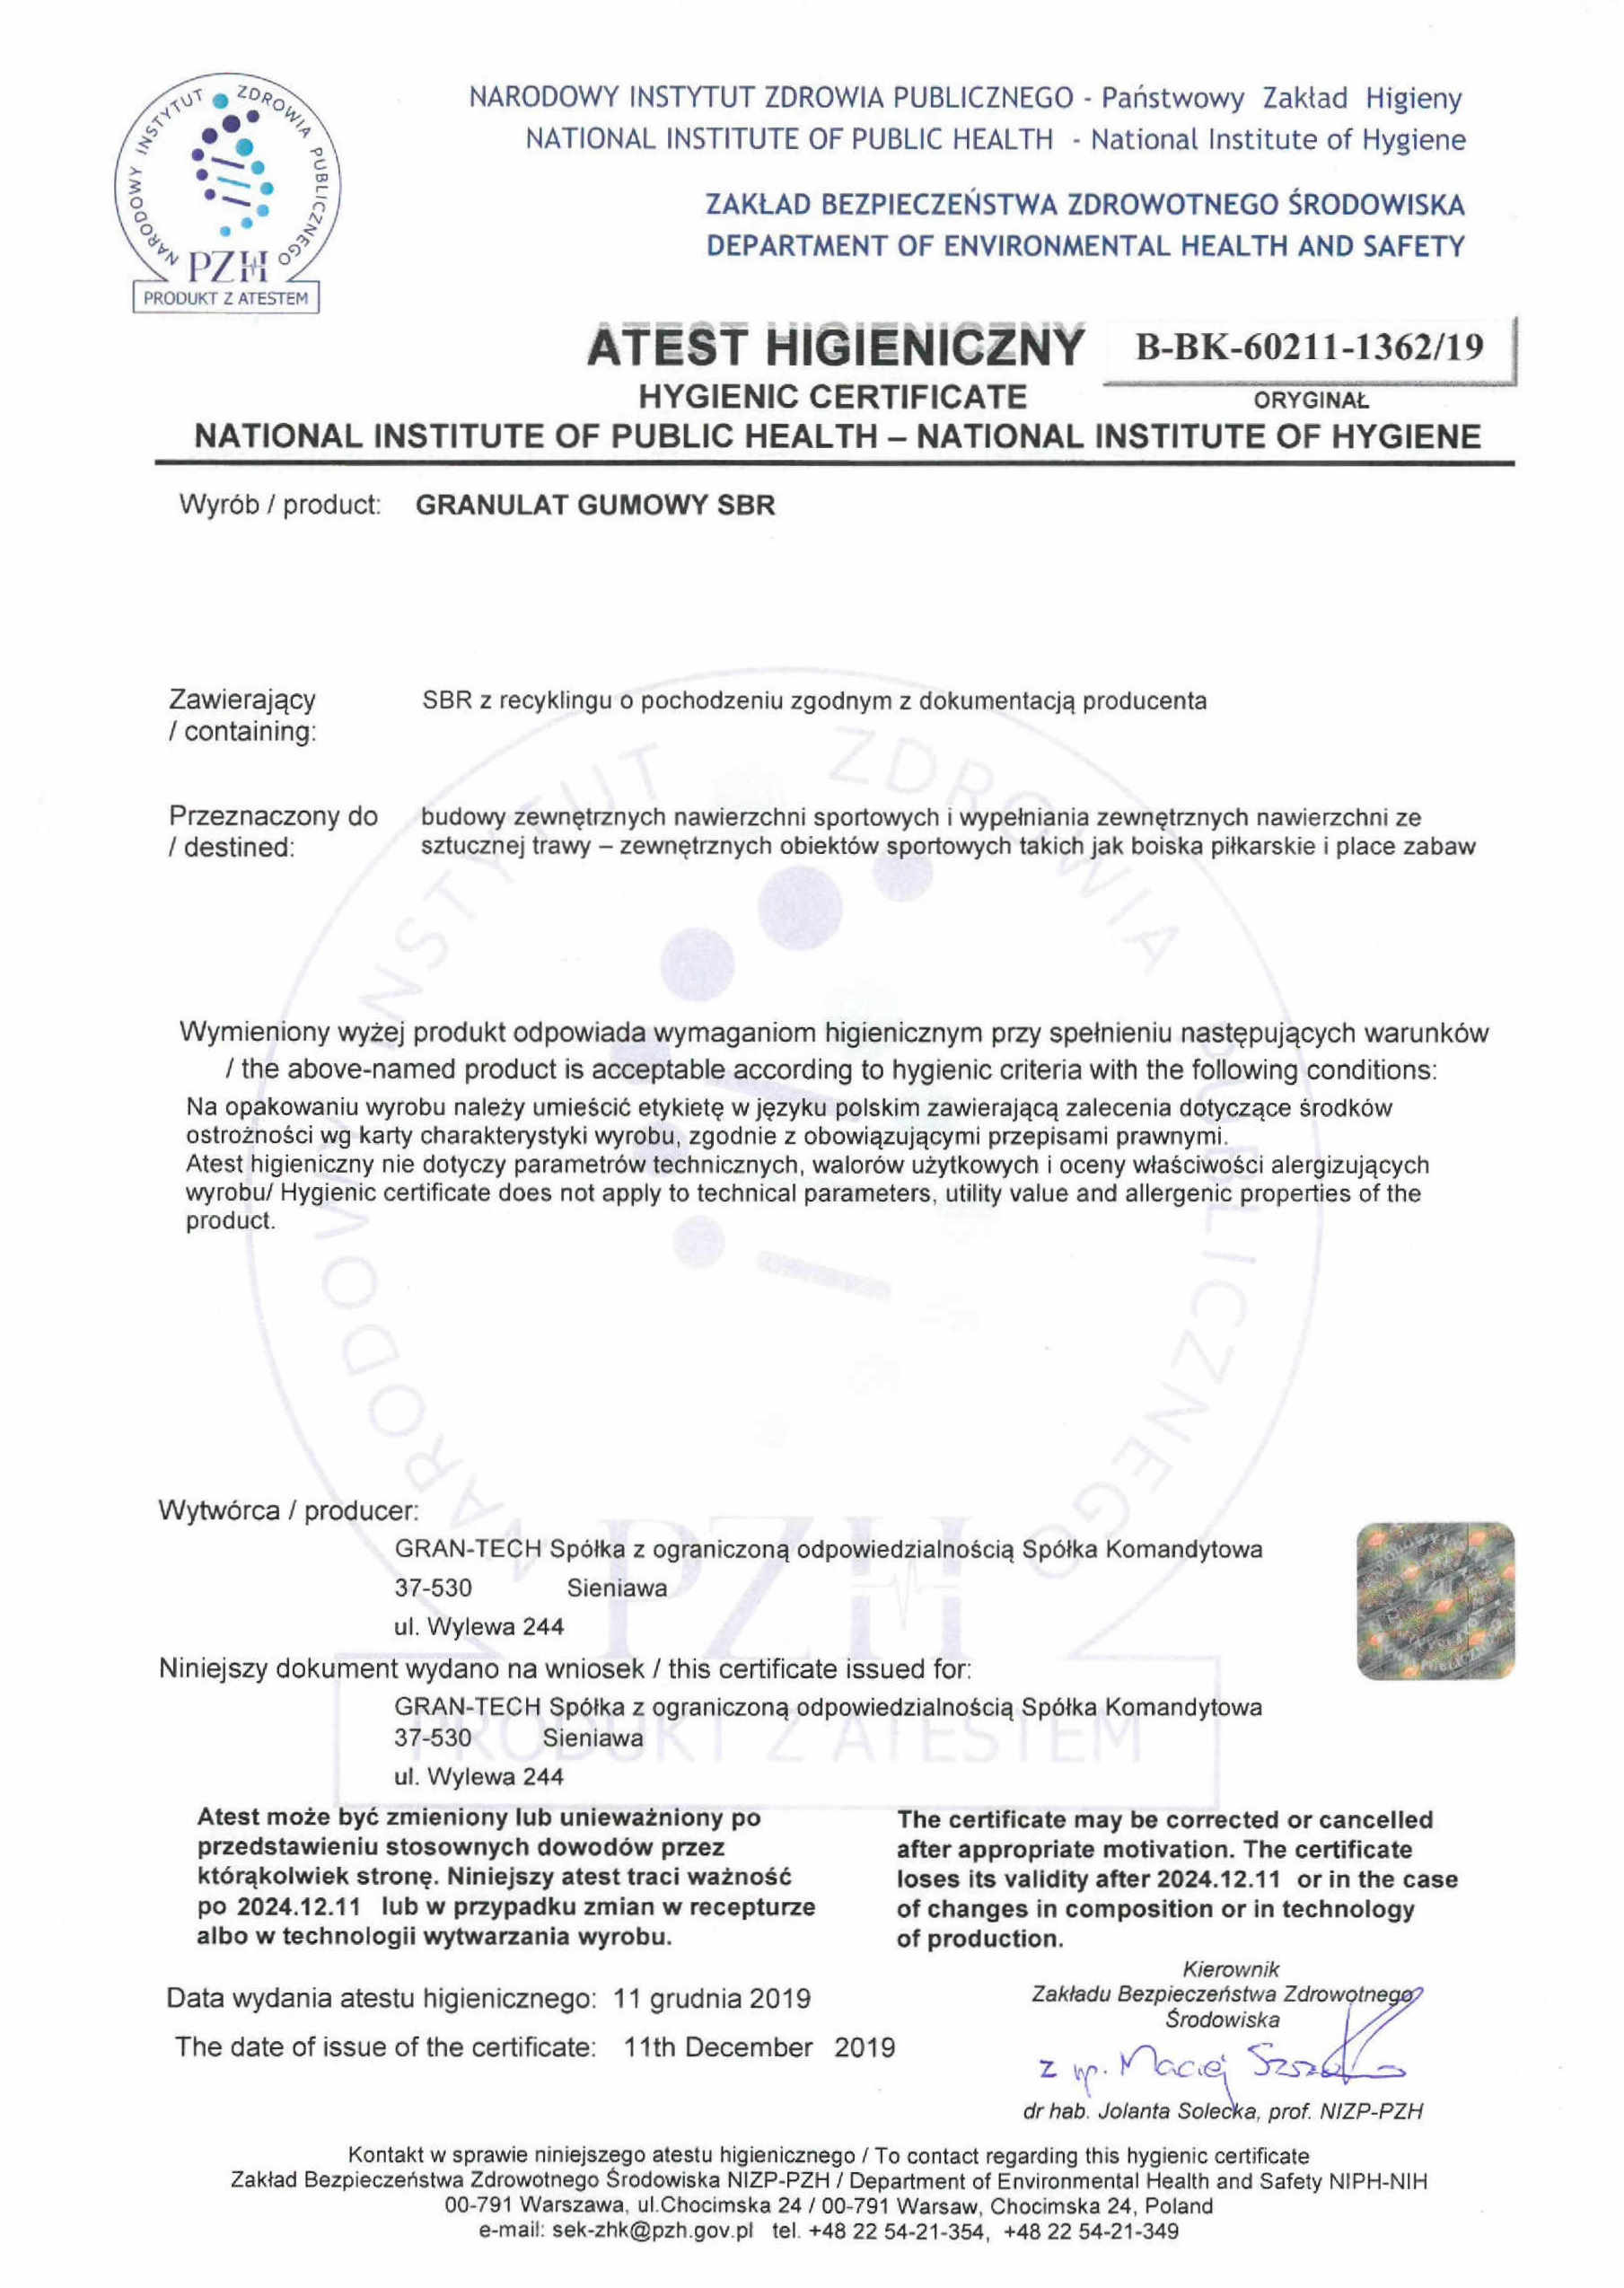 Atest higeniczny_2